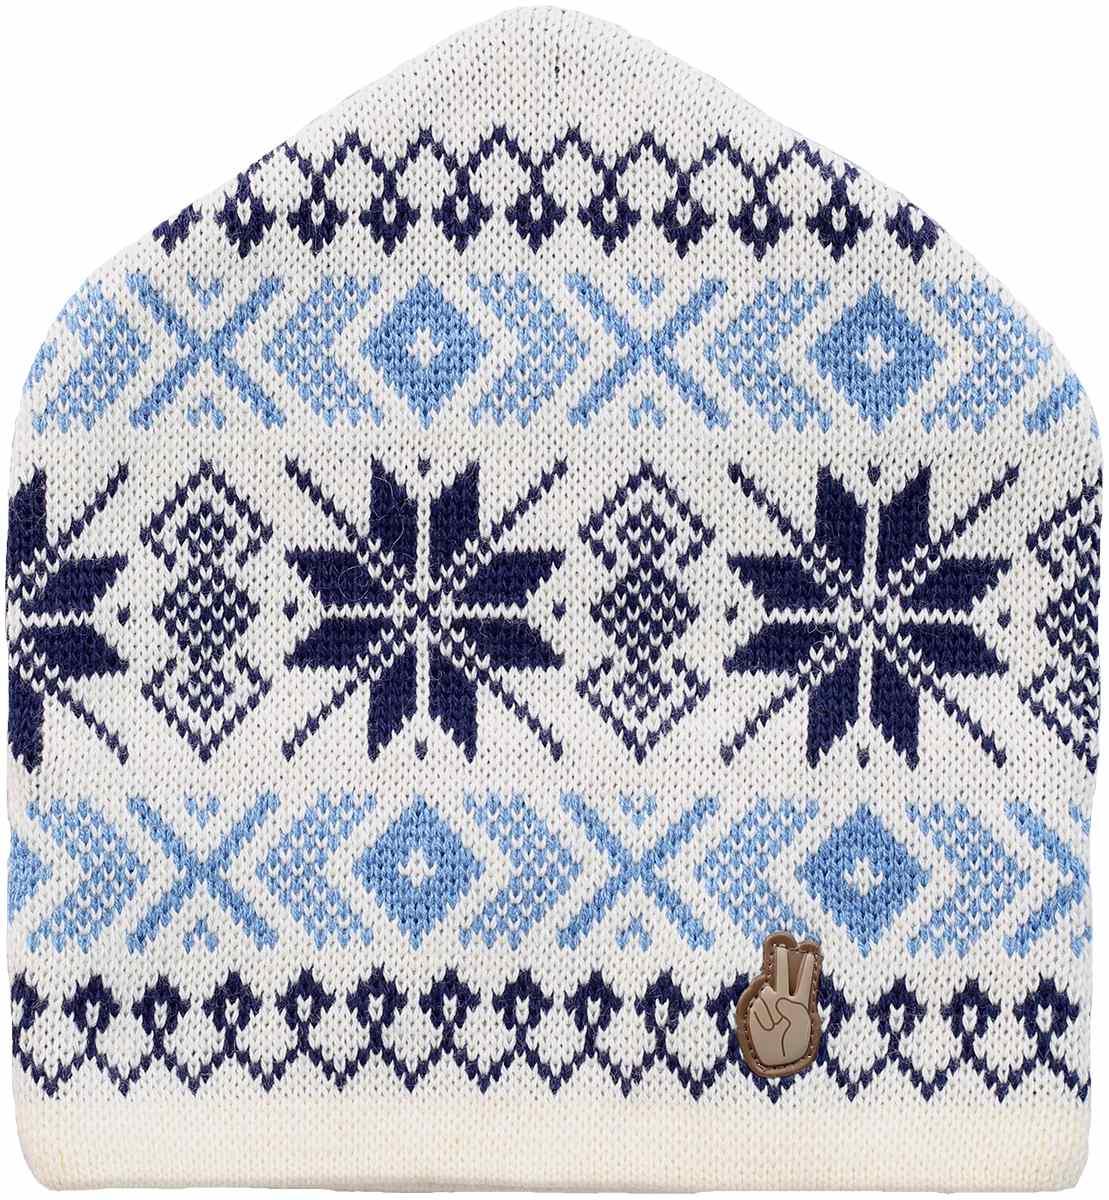 Шапка StorlienШапки<br>ОБЛАСТЬ ПРИМЕНЕНИЯ:<br><br>Спорт<br>Туризм<br><br> <br> БРЕНД: <br> <br> Компания Seger основана в Швеции в 1947 г. Изначальный ассортимент - носки, футбольные носки, гольфы и гетры. В 1963 г. открылась швейная ф...<br><br>Цвет: Белый<br>Размер: None